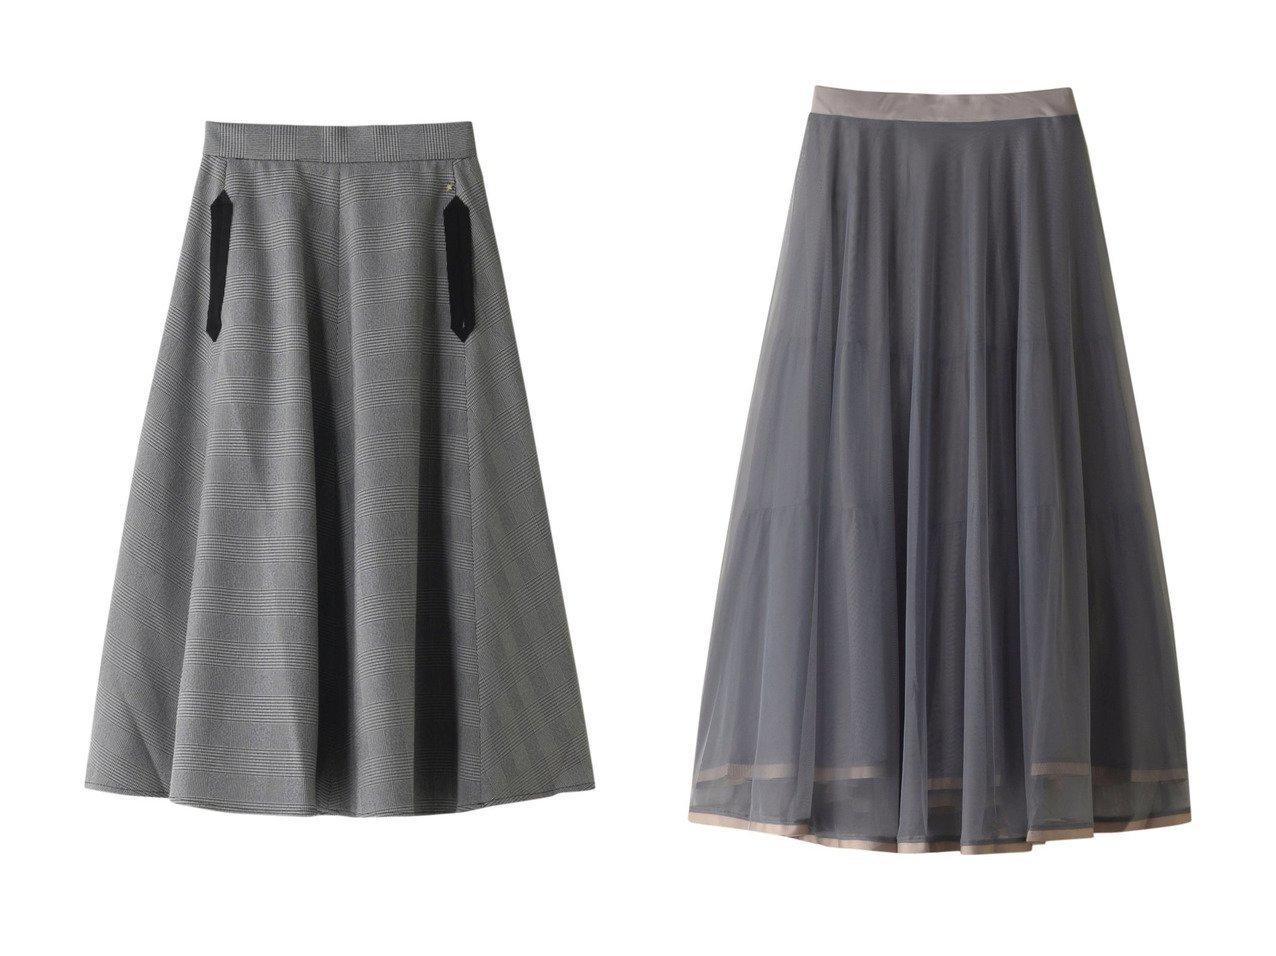 【Ezick/エジック】のチュールロングスカート&グログランPKフレアスカート スカートのおすすめ!人気、レディースファッションの通販  おすすめで人気のファッション通販商品 インテリア・家具・キッズファッション・メンズファッション・レディースファッション・服の通販 founy(ファニー) https://founy.com/ ファッション Fashion レディース WOMEN スカート Skirt Aライン/フレアスカート Flared A-Line Skirts ロングスカート Long Skirt グログラン タートルネック フレア ポケット ロング |ID:crp329100000000085